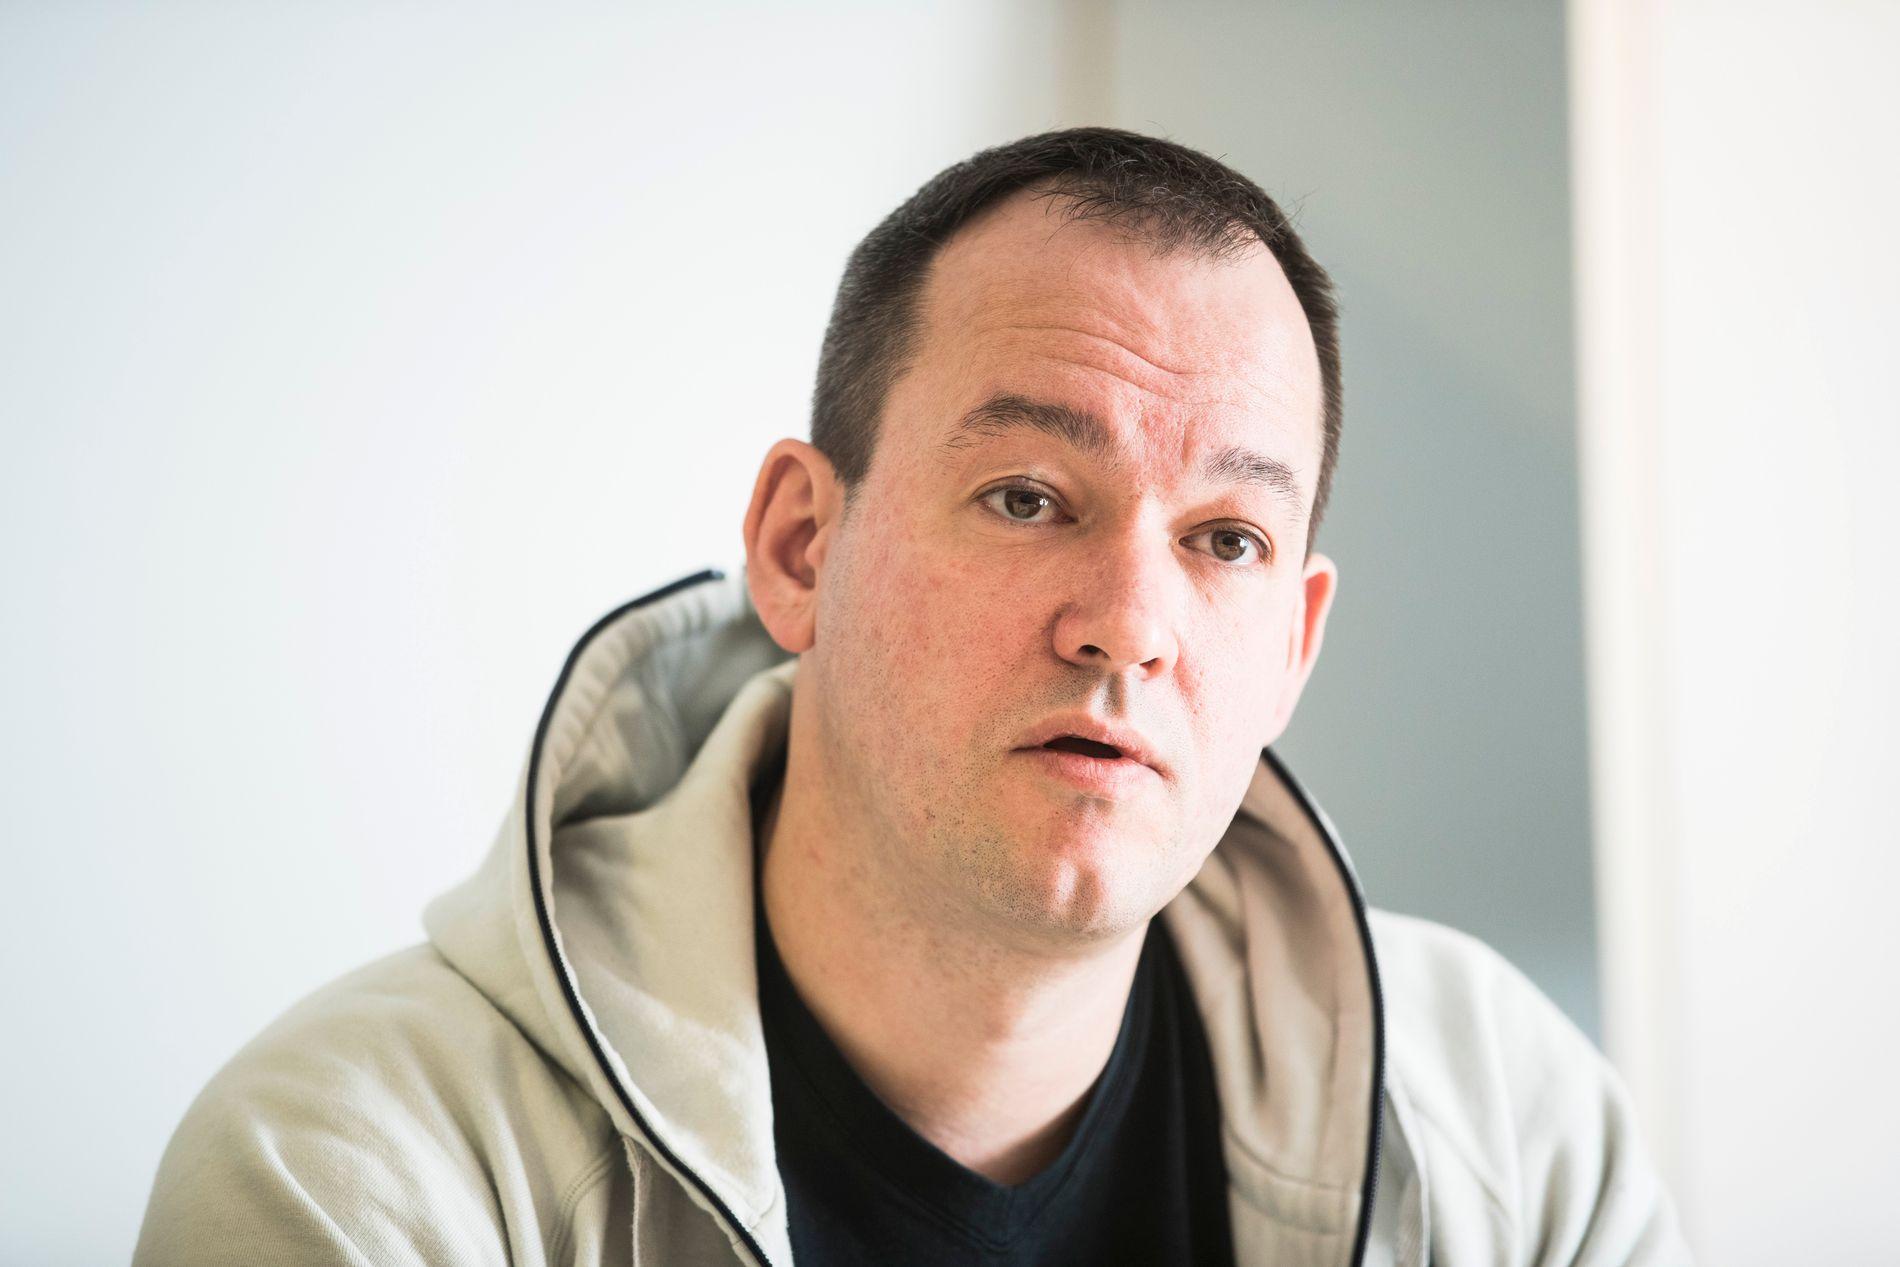 NIF-RÅDGIVER: Håvard Øvregård i Norges idrettsforbund jobber med saker som omhandler overgrep og sextrakassering.